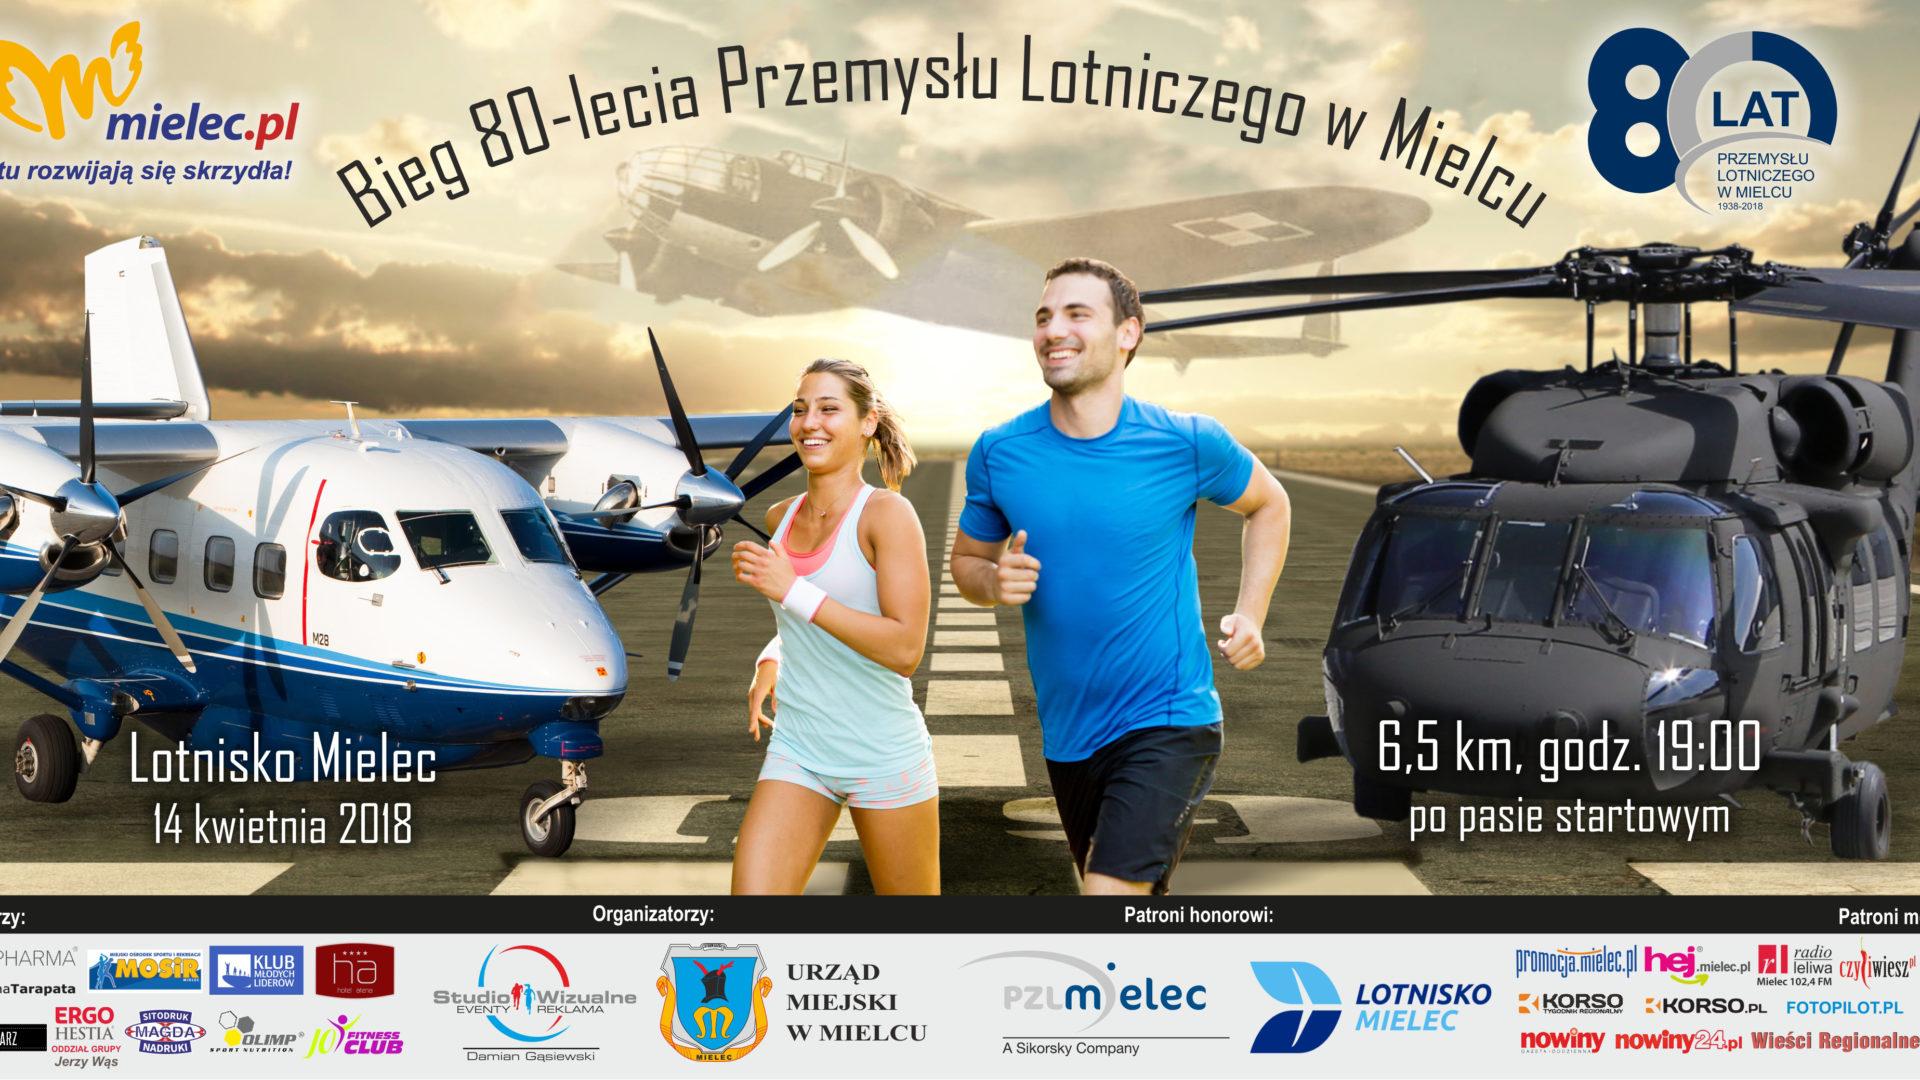 Bieg 80-lecia Przemysłu Lotniczego w Mielcu - 14.04.2018